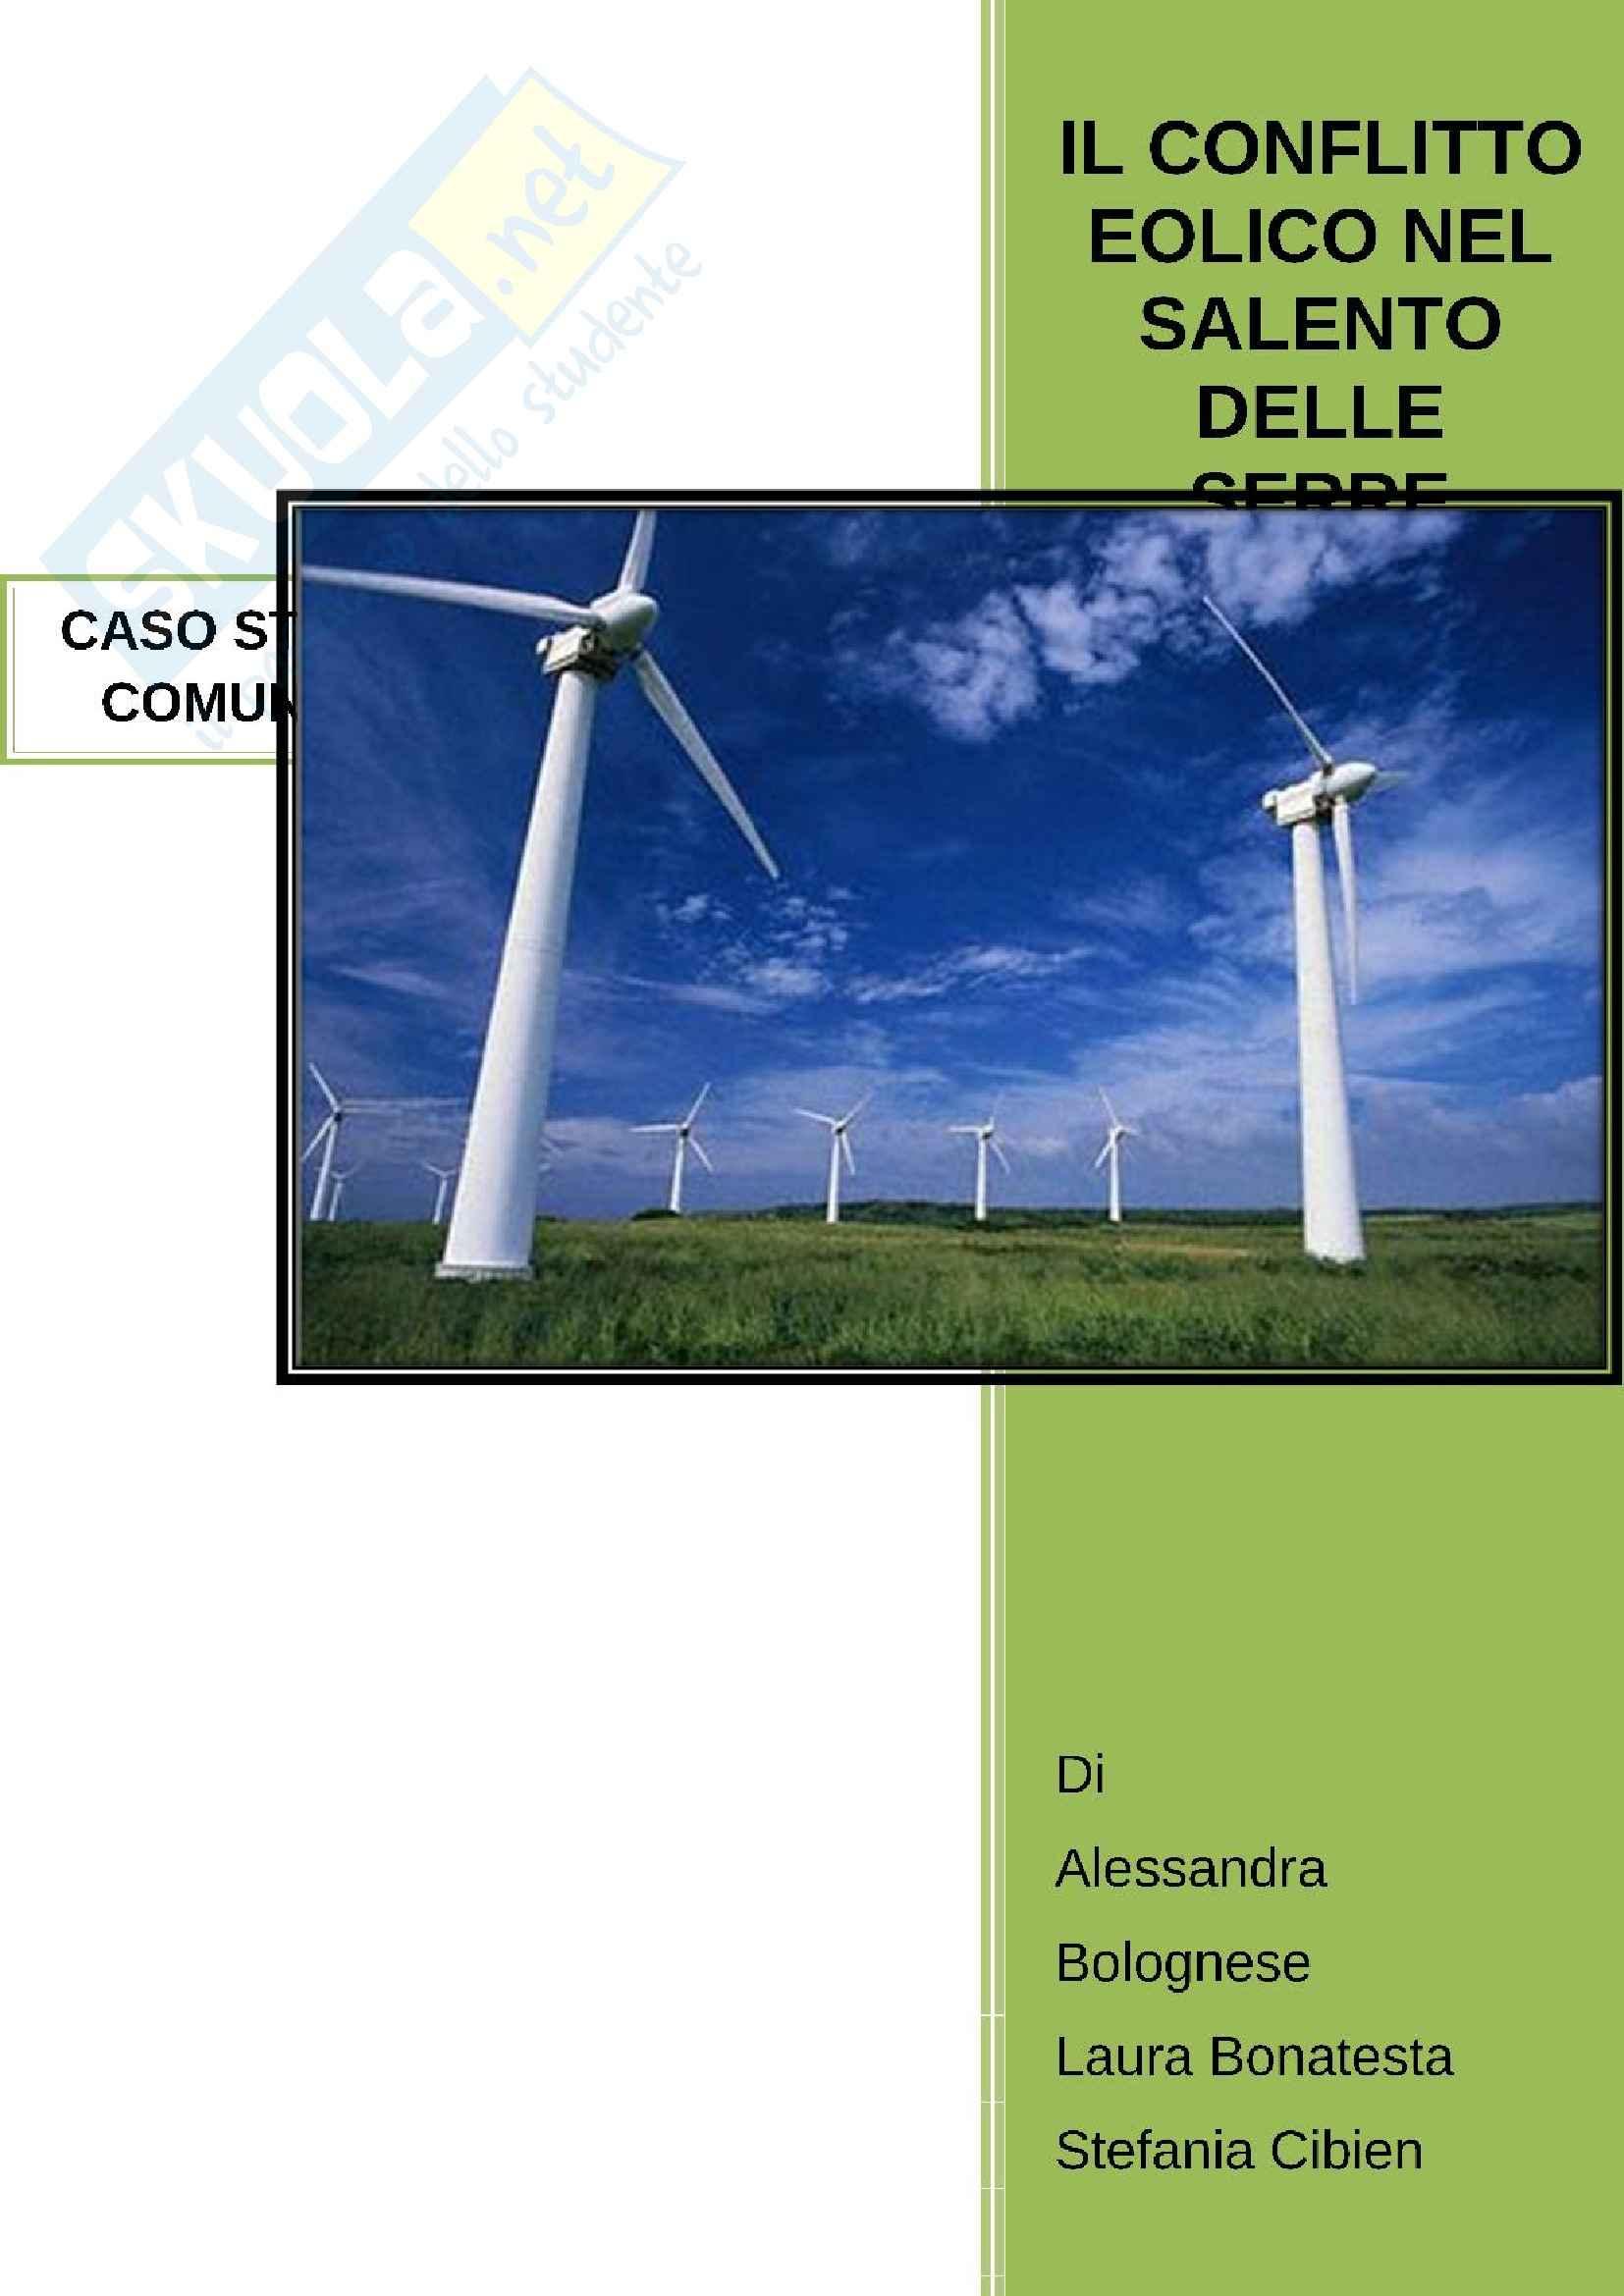 Il conflitto sull'eolico in Puglia - il Salento delle Serre - Caso studio